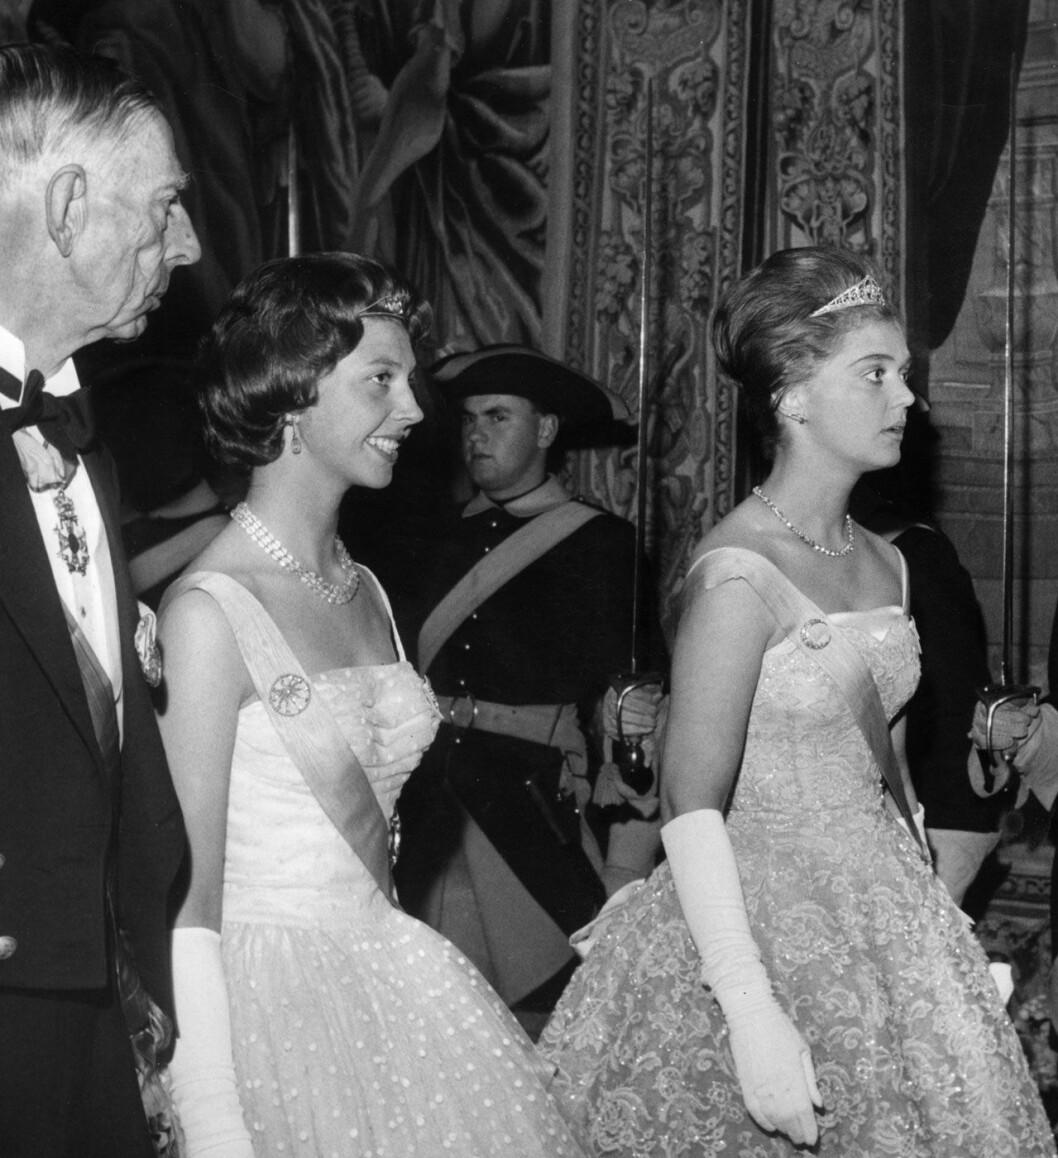 Prinsessan Désirée och prinsessan Birgitta när shahen av Iran kom på statsbesök 1960. Till vänster prins Wilhelm.